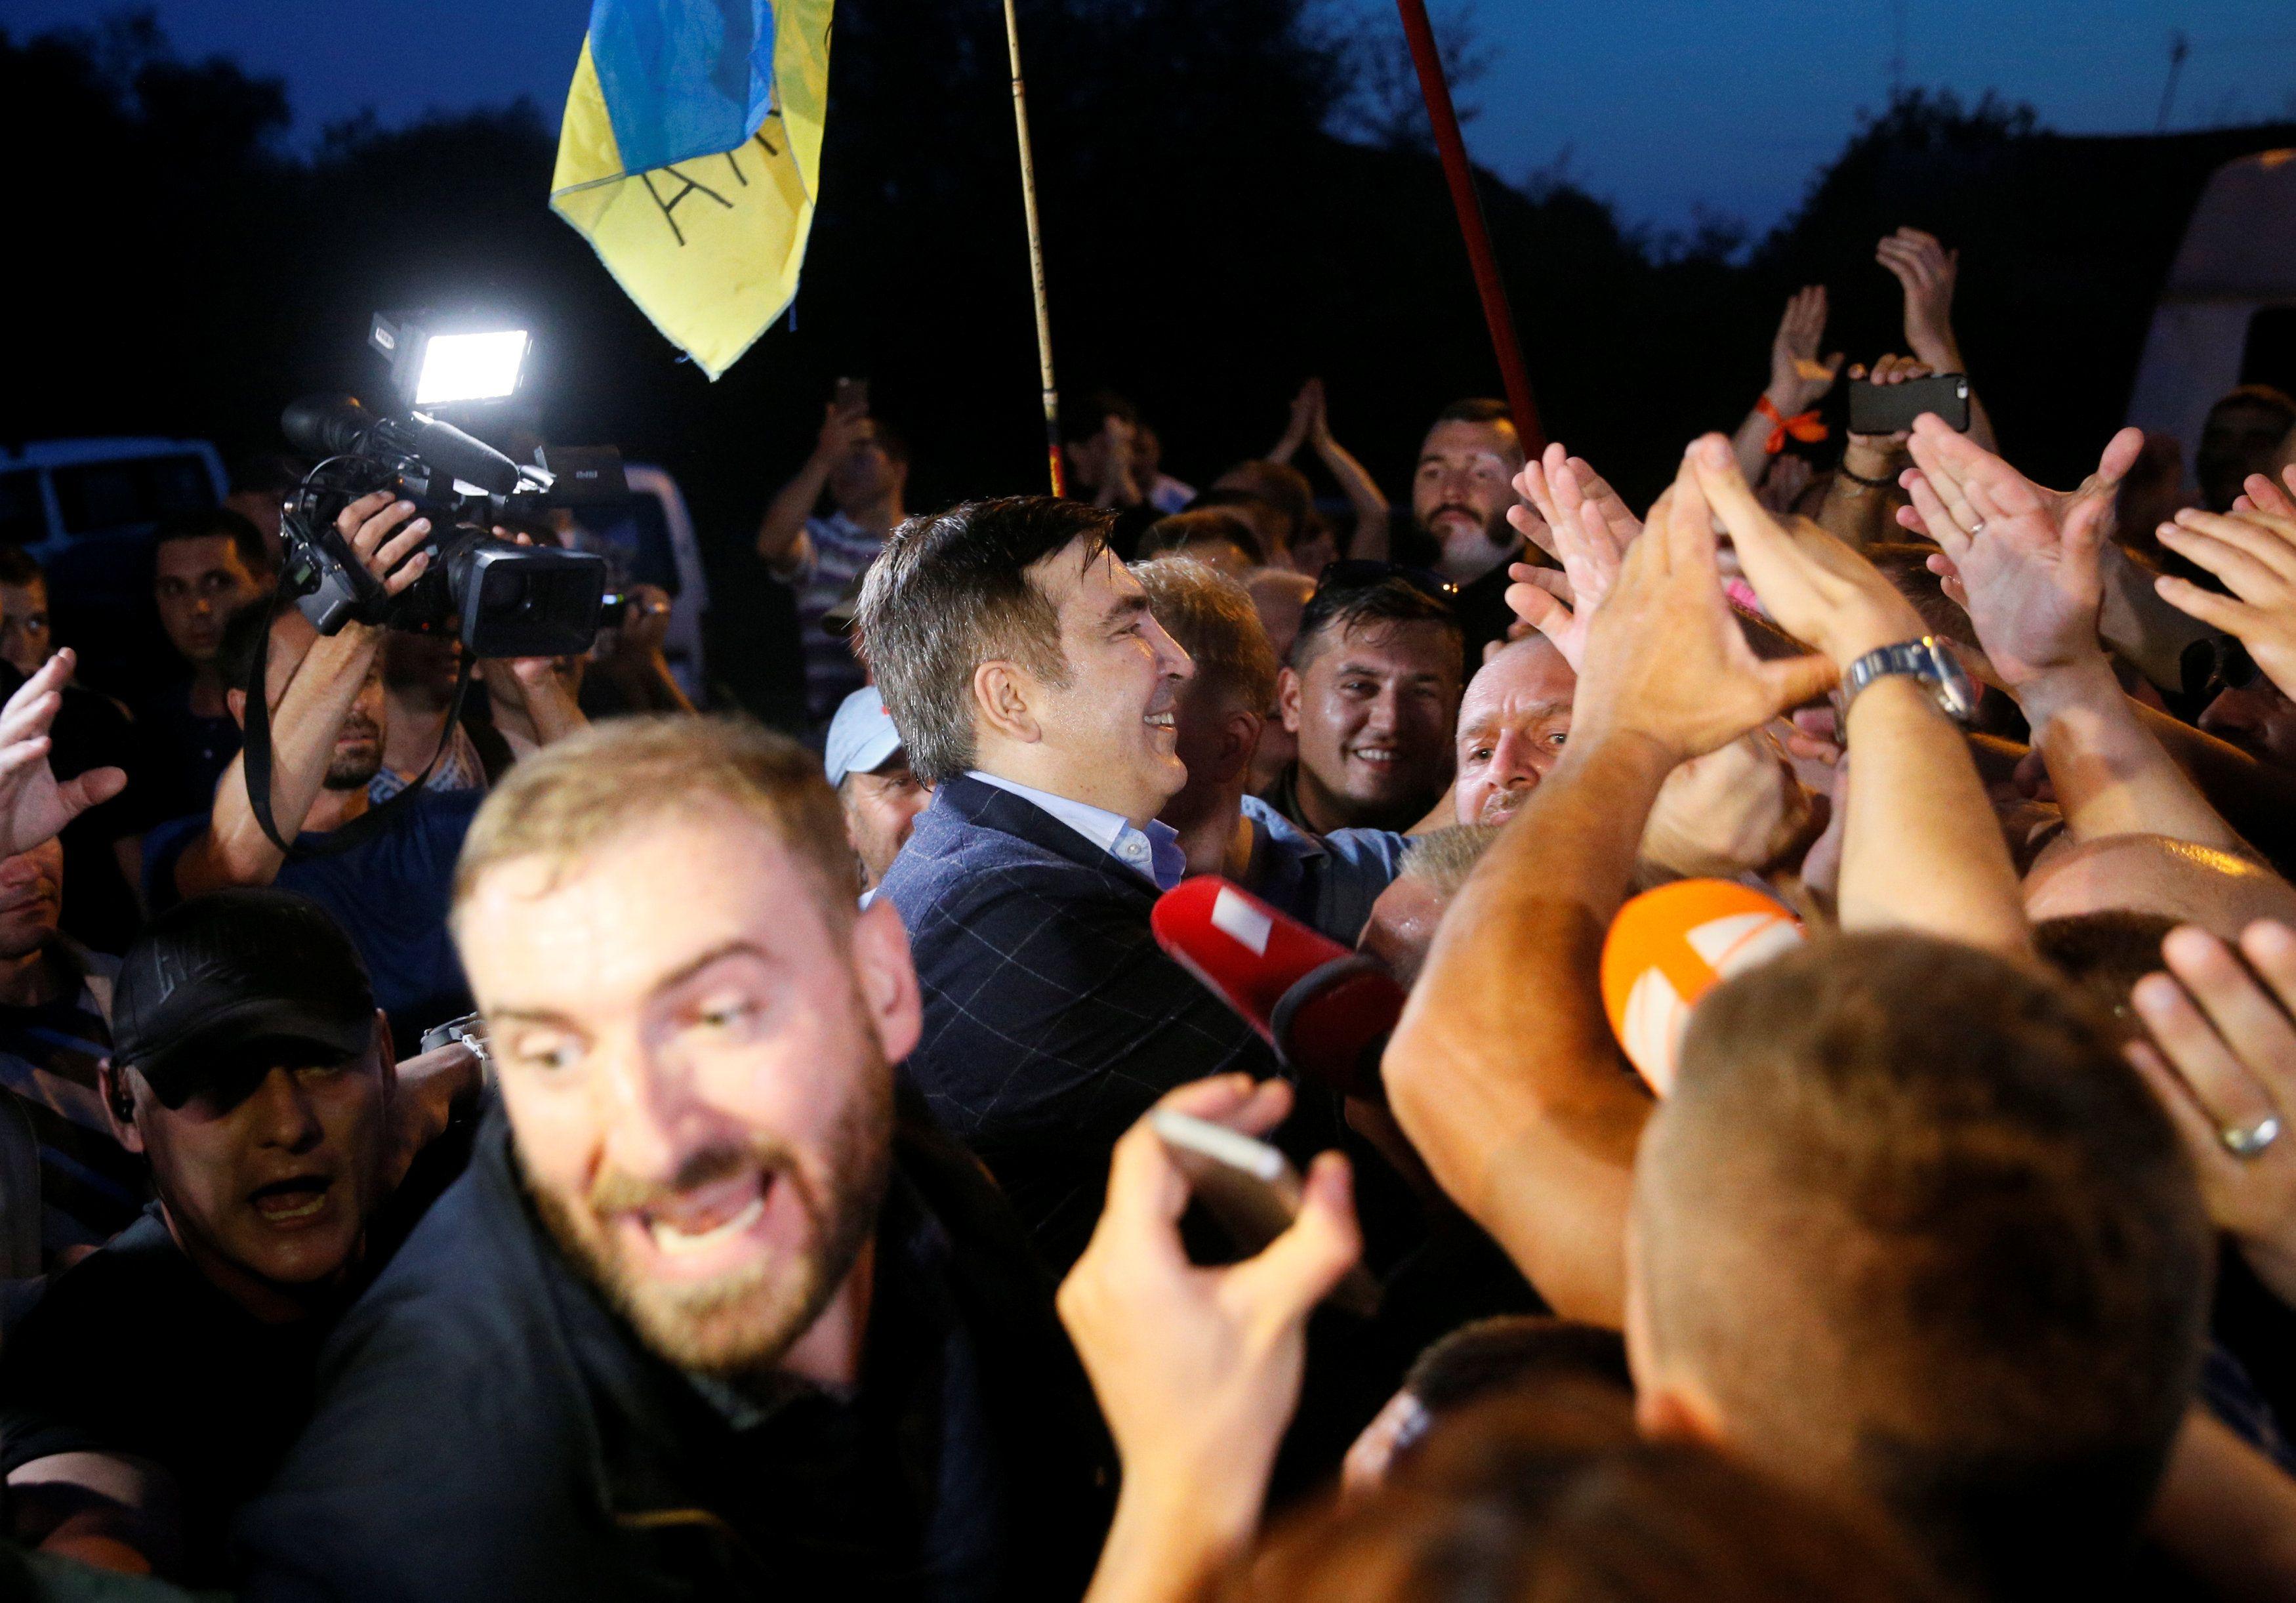 Прорыв границы сторонниками Саакашвили